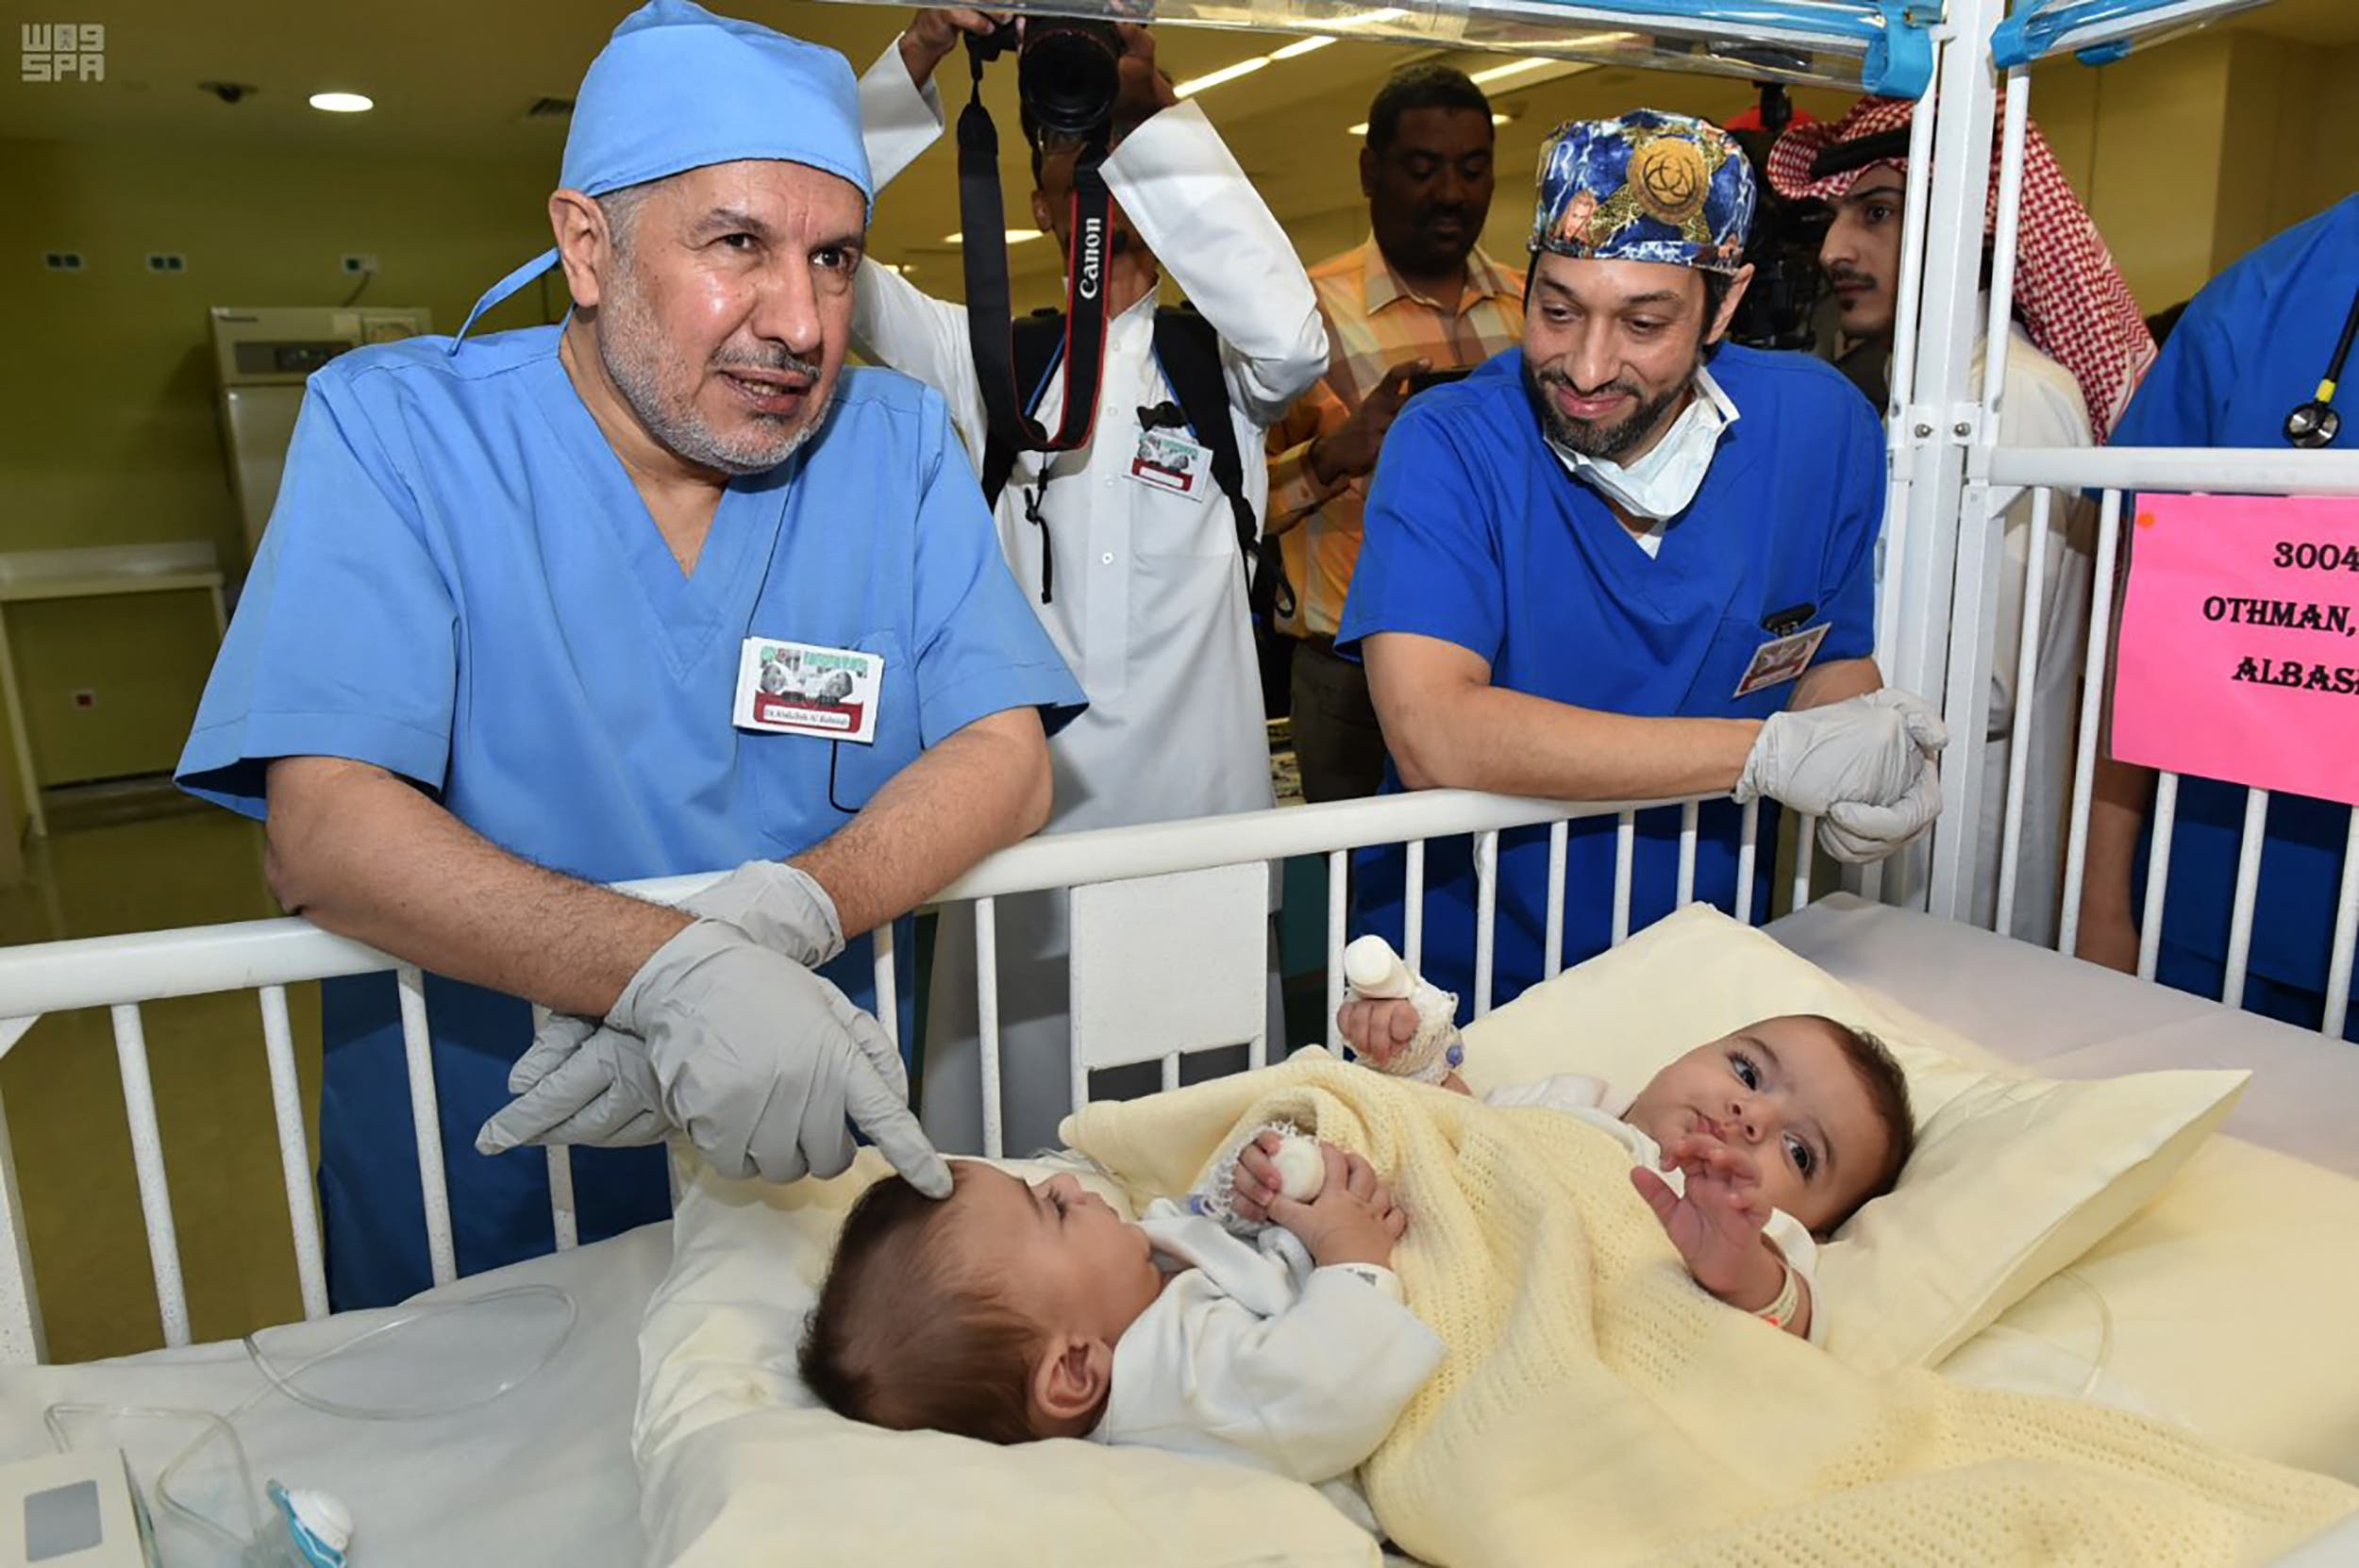 توأم سيامي ليبي قبل عملية فصله في مدينة الملك عبد العزيز الطبية في 2019